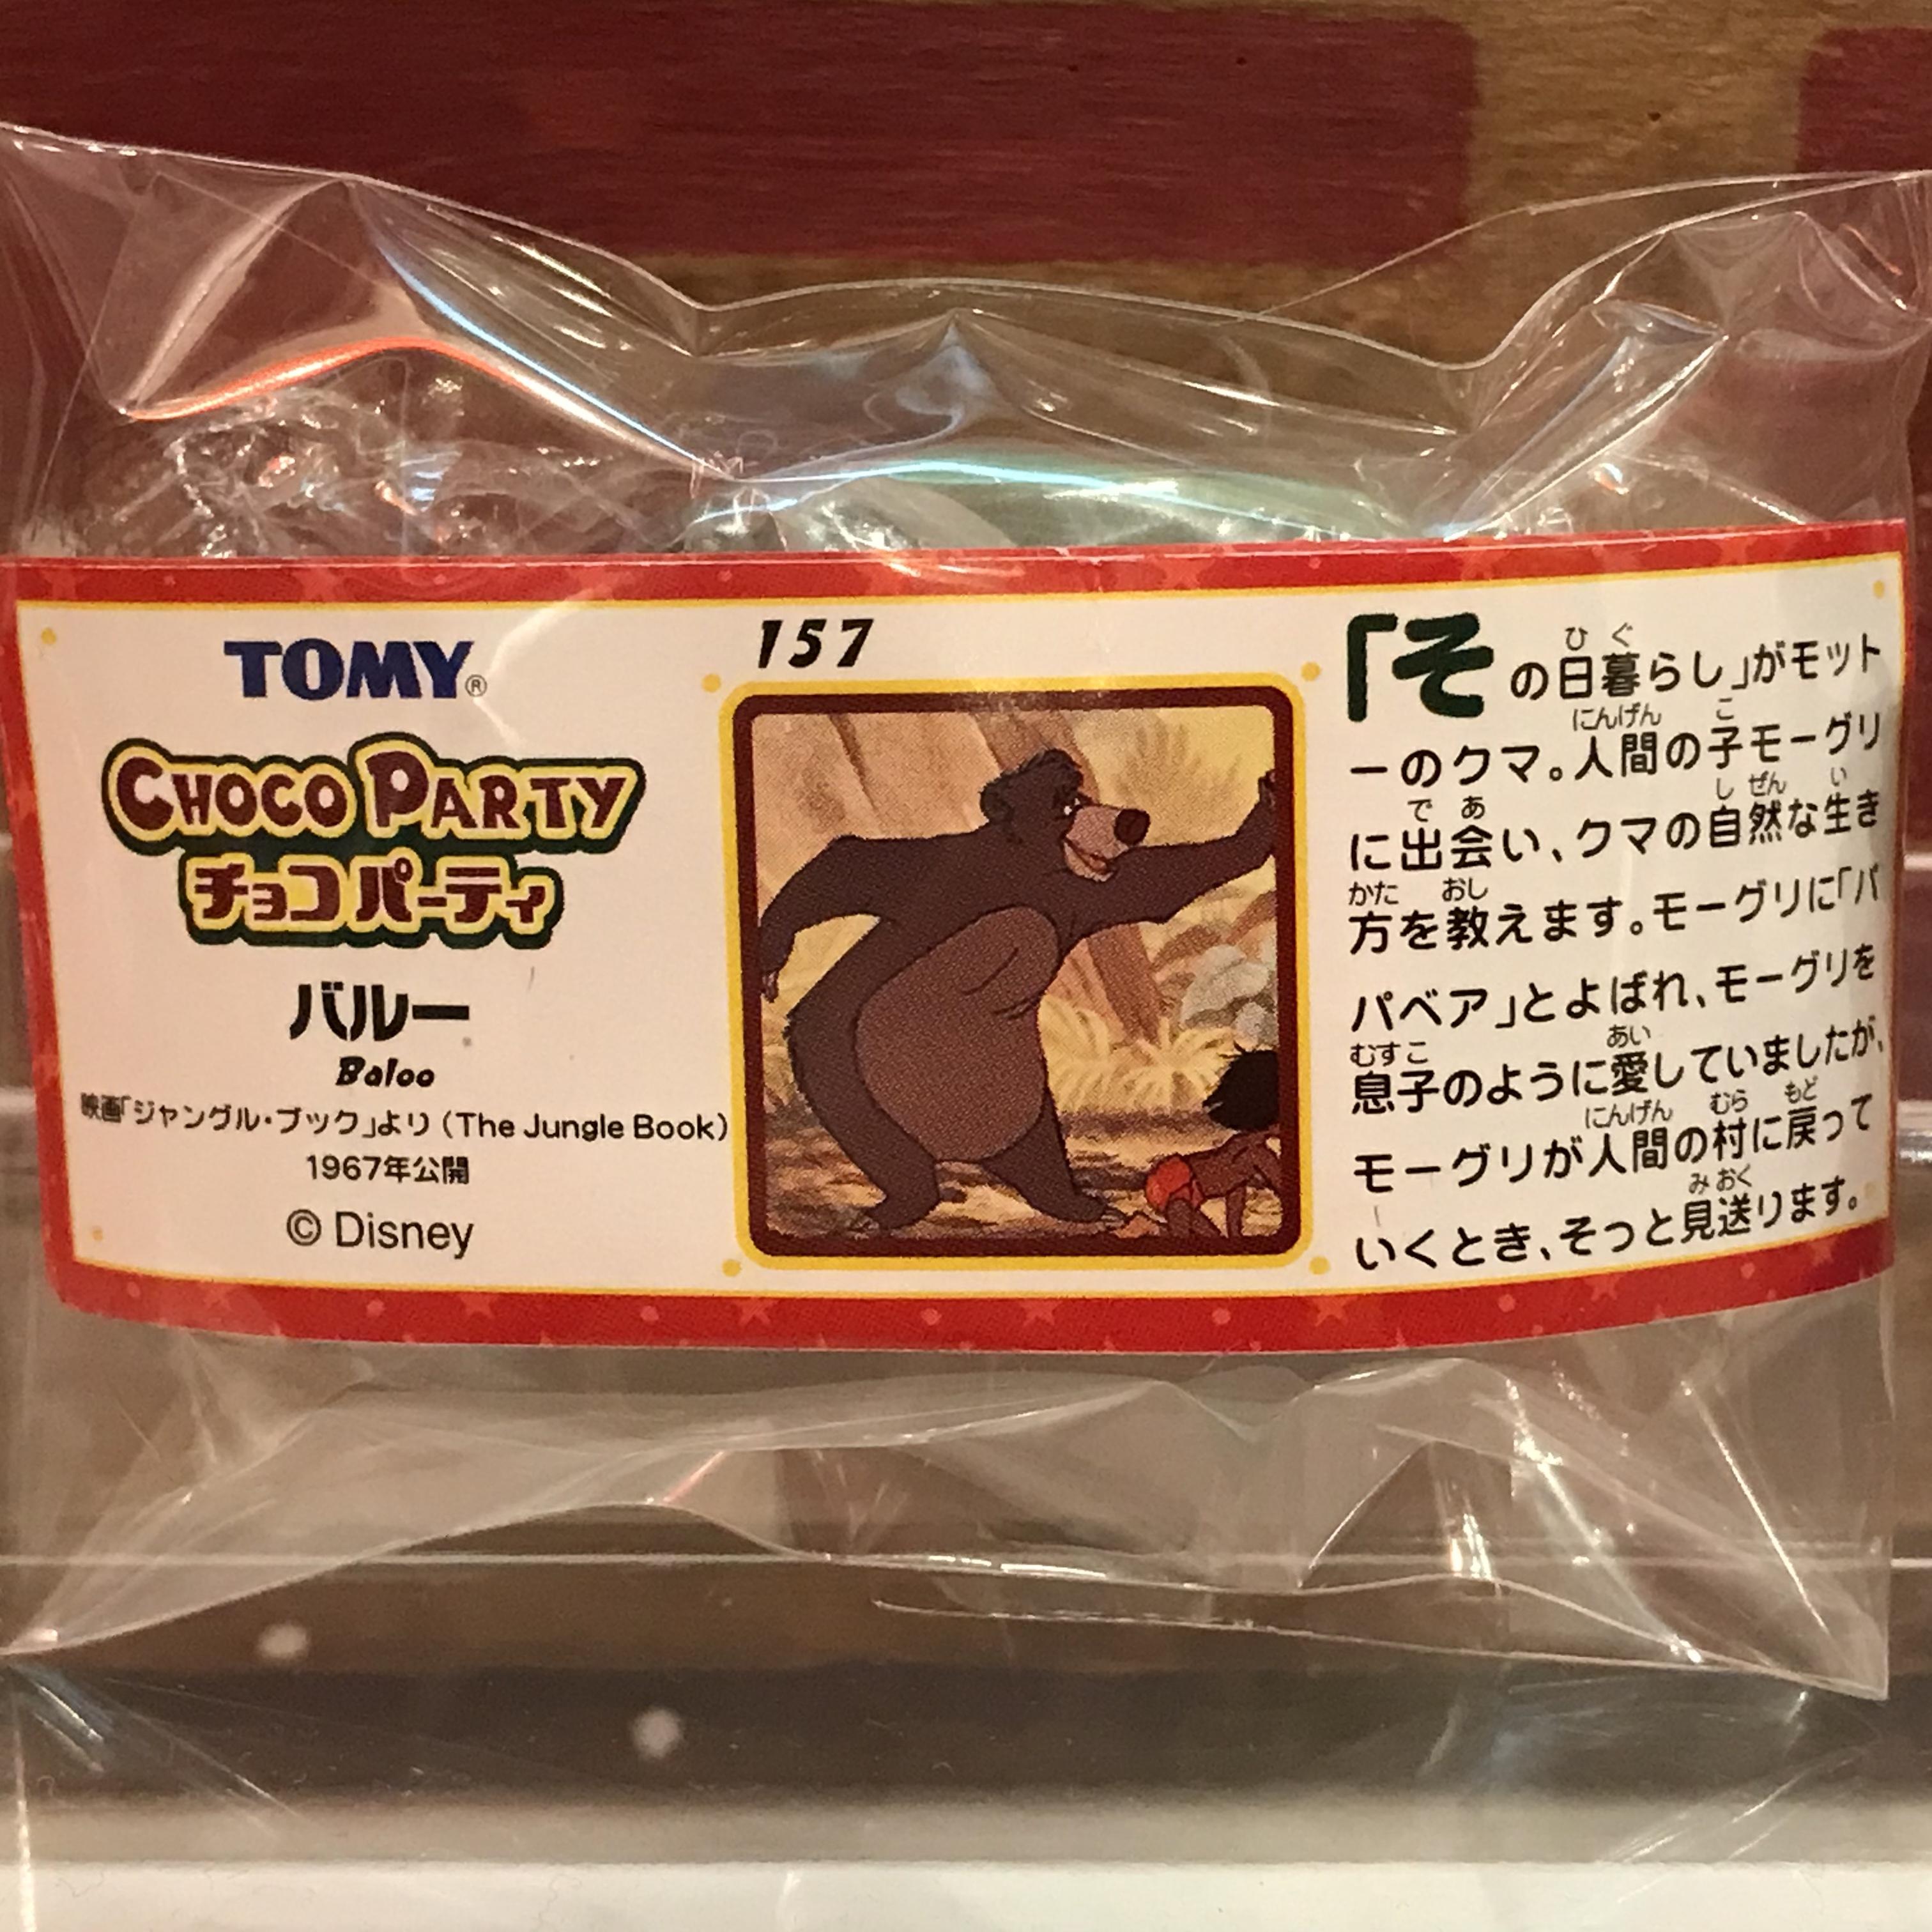 ディズニー チョコパーティ 157 バルー フィギュア 内袋未開封・ミニブック付 TOMY